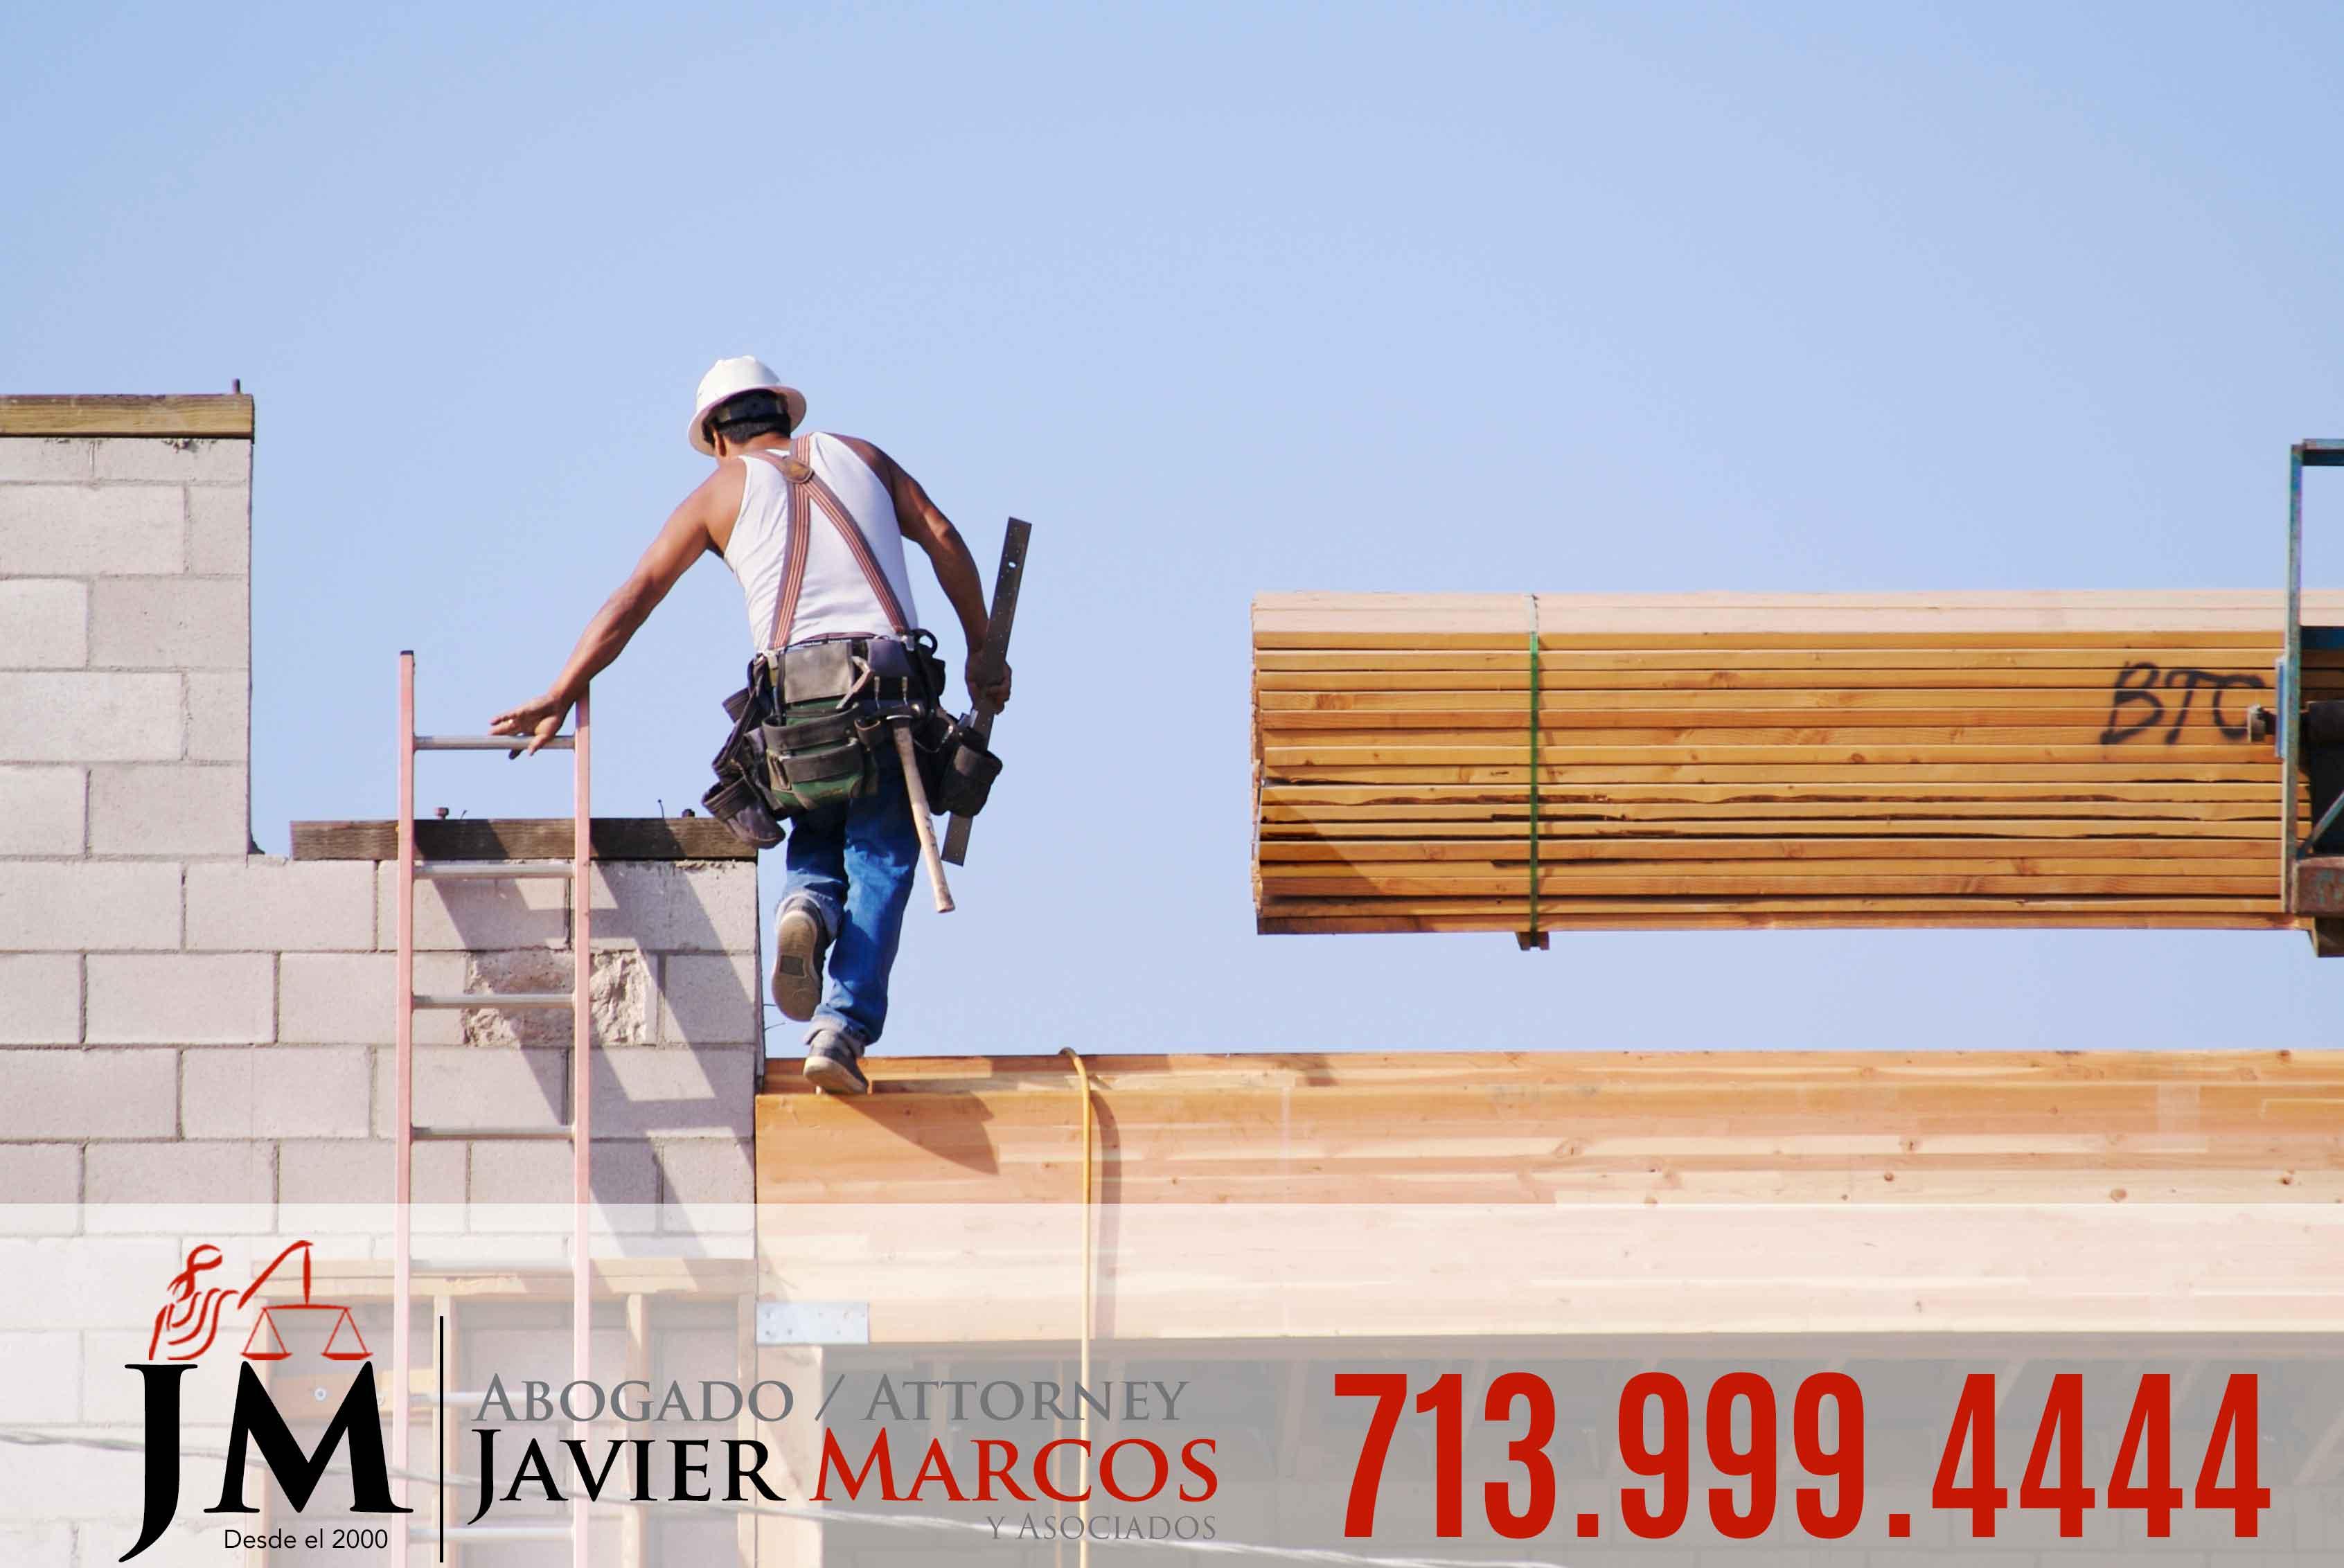 Abogado de Accidente de Construccion | Abogado Javier Marcos | 713.999.4444